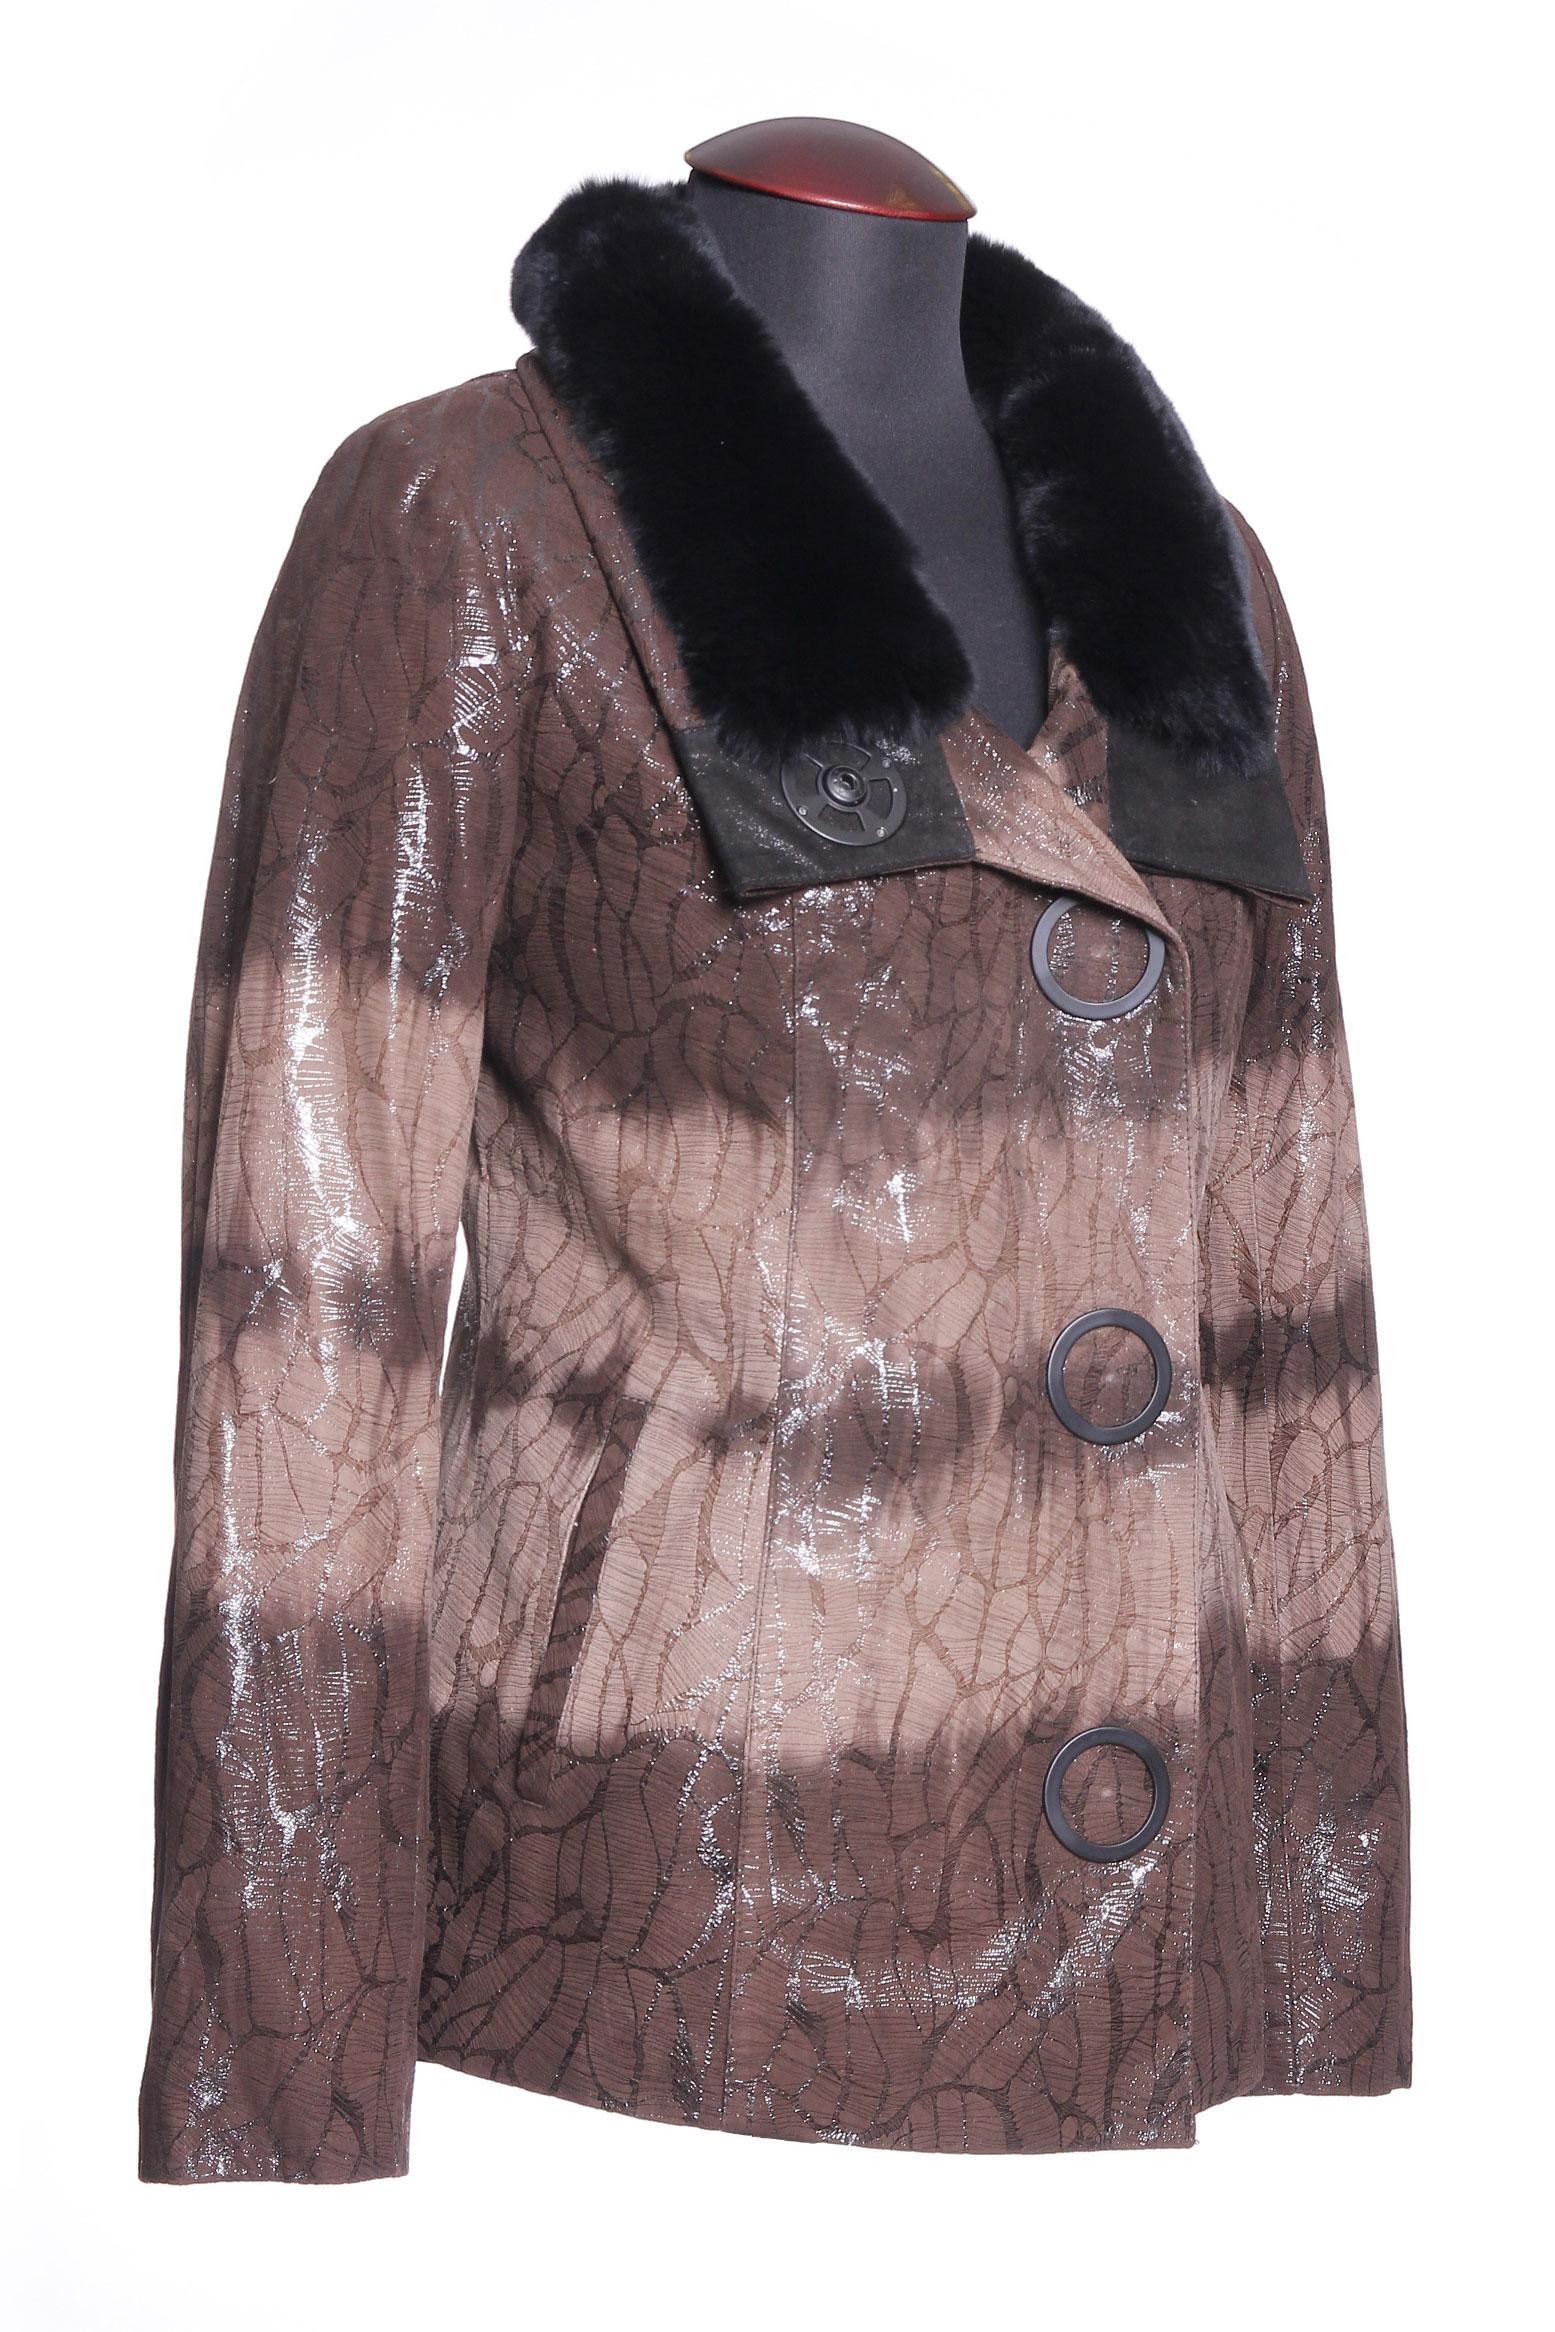 Женская кожаная куртка из натуральной замши (с накатом) с воротником, отделка кролик от Московская Меховая Компания